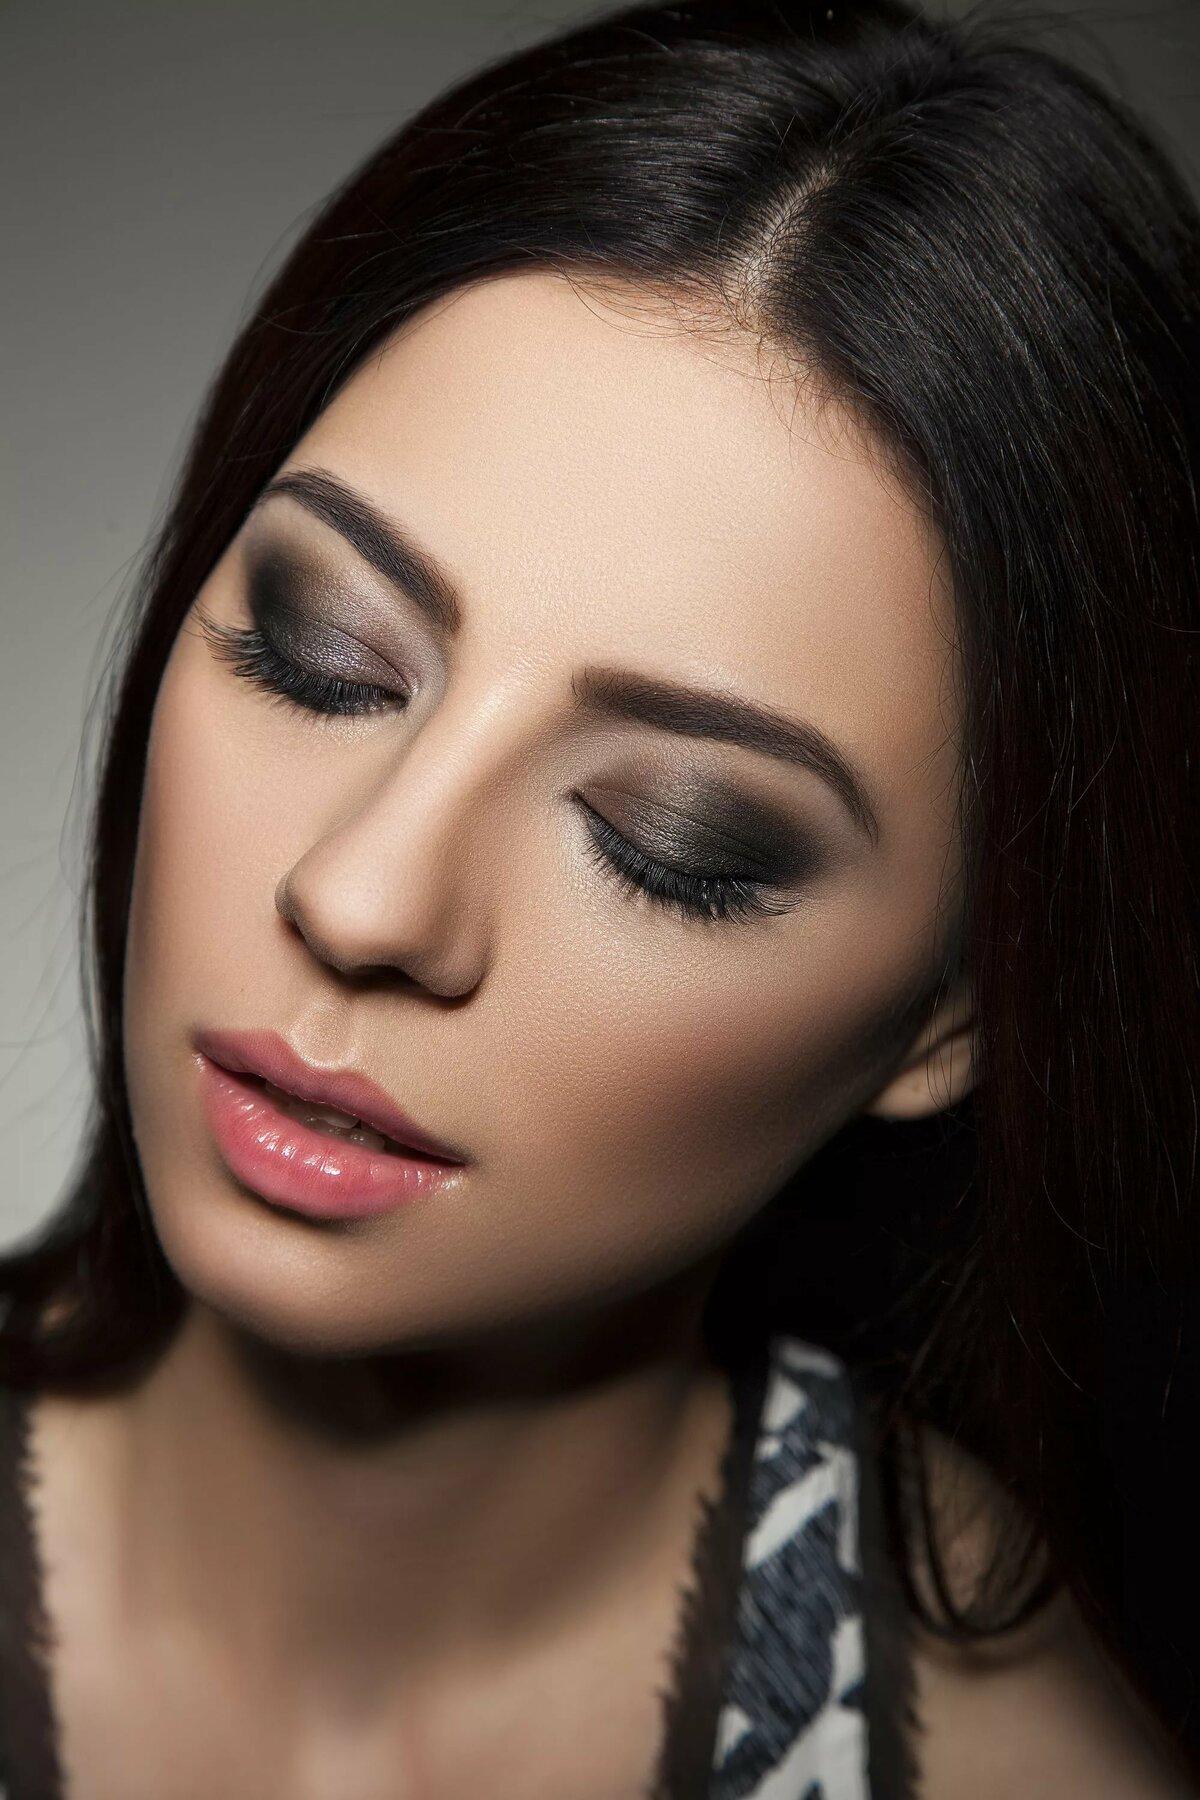 вечерний макияж фото в картинках после проведения